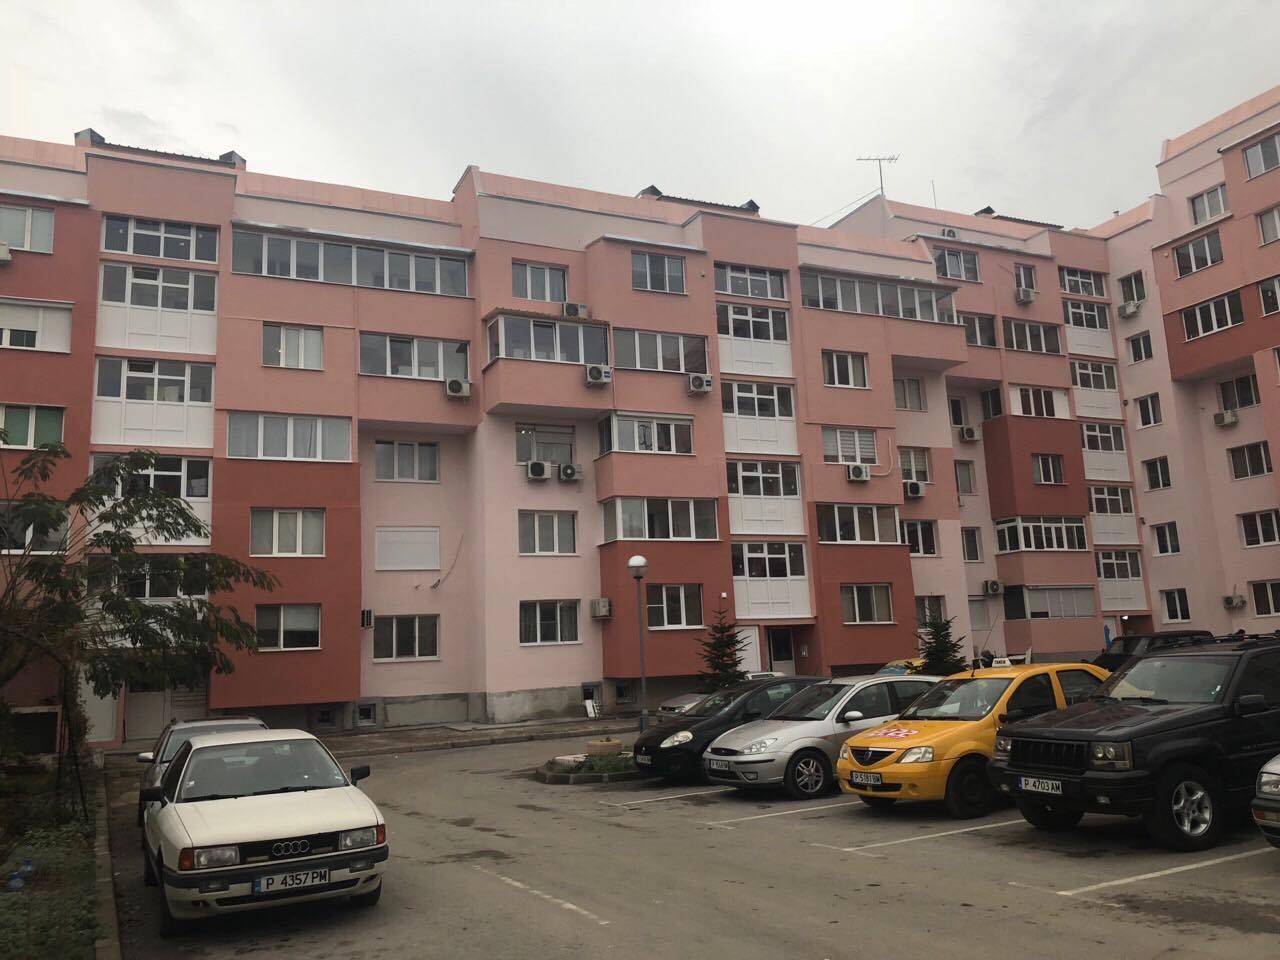 Саниране на Многофамилна жилищна сграда в гр.Русе ул.Слави Шкаров 7 бл.305